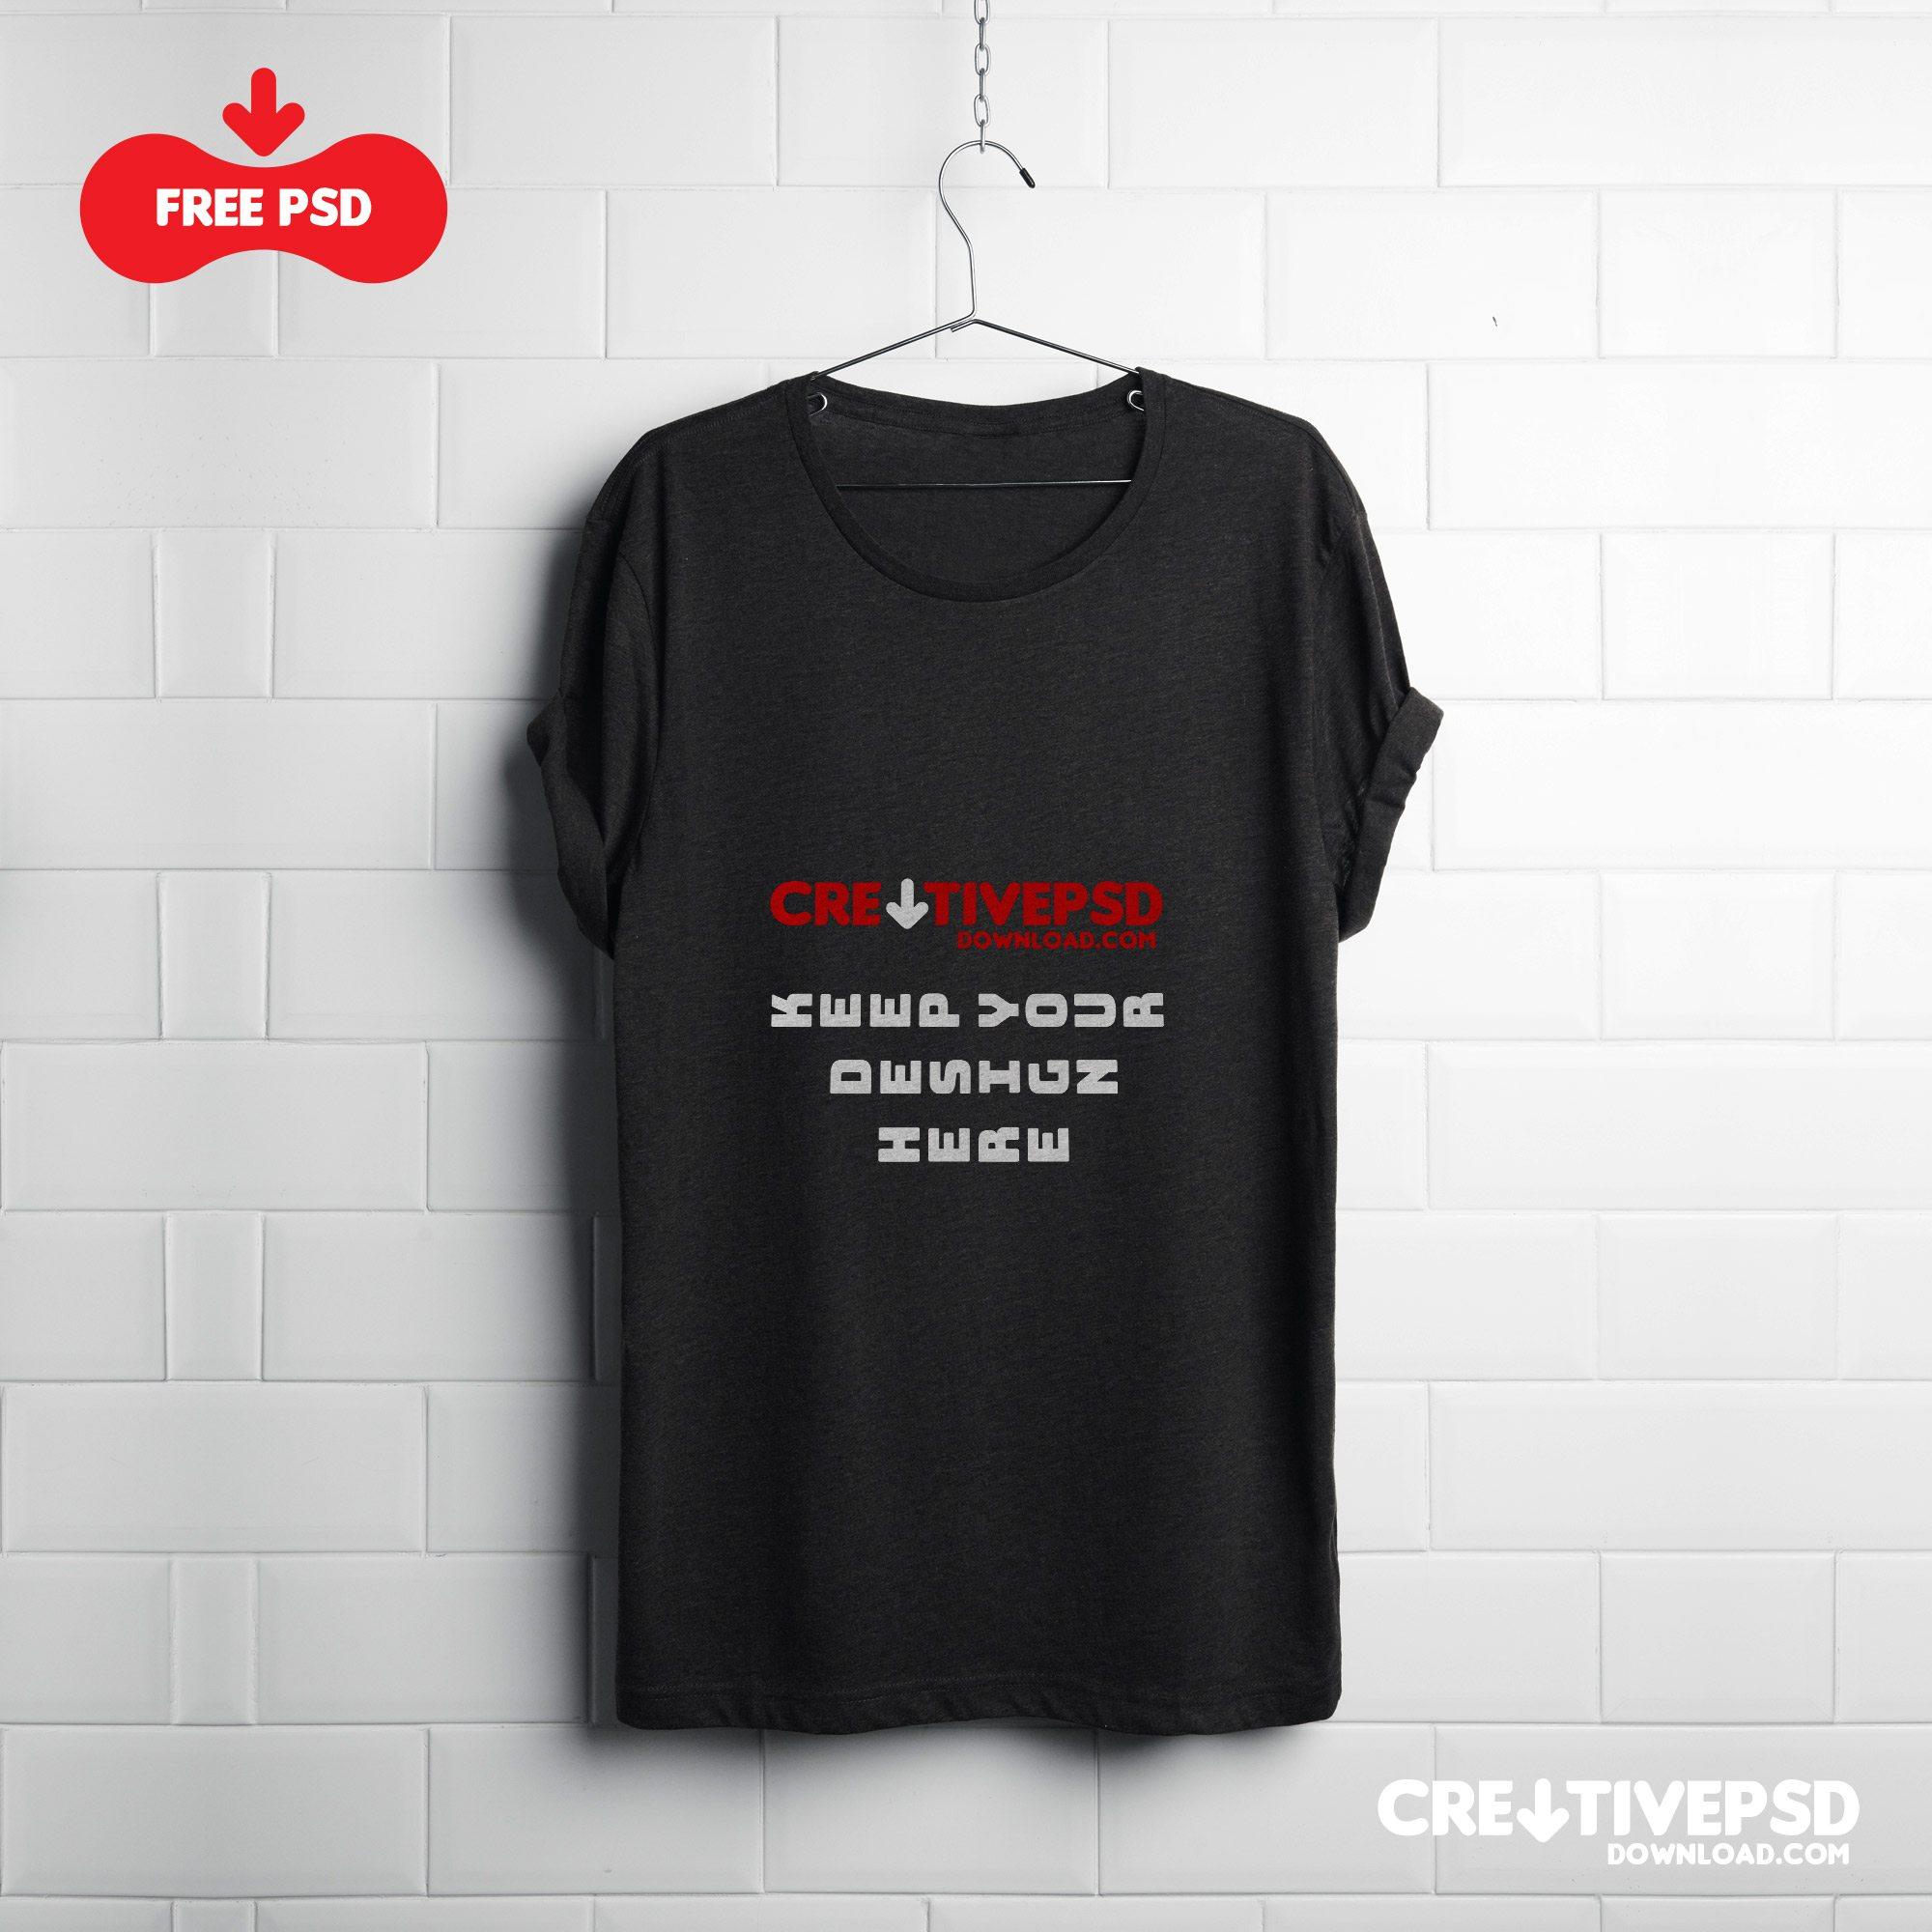 Black t shirt psd template -  T Shirt Psd Mockup Freebie Download